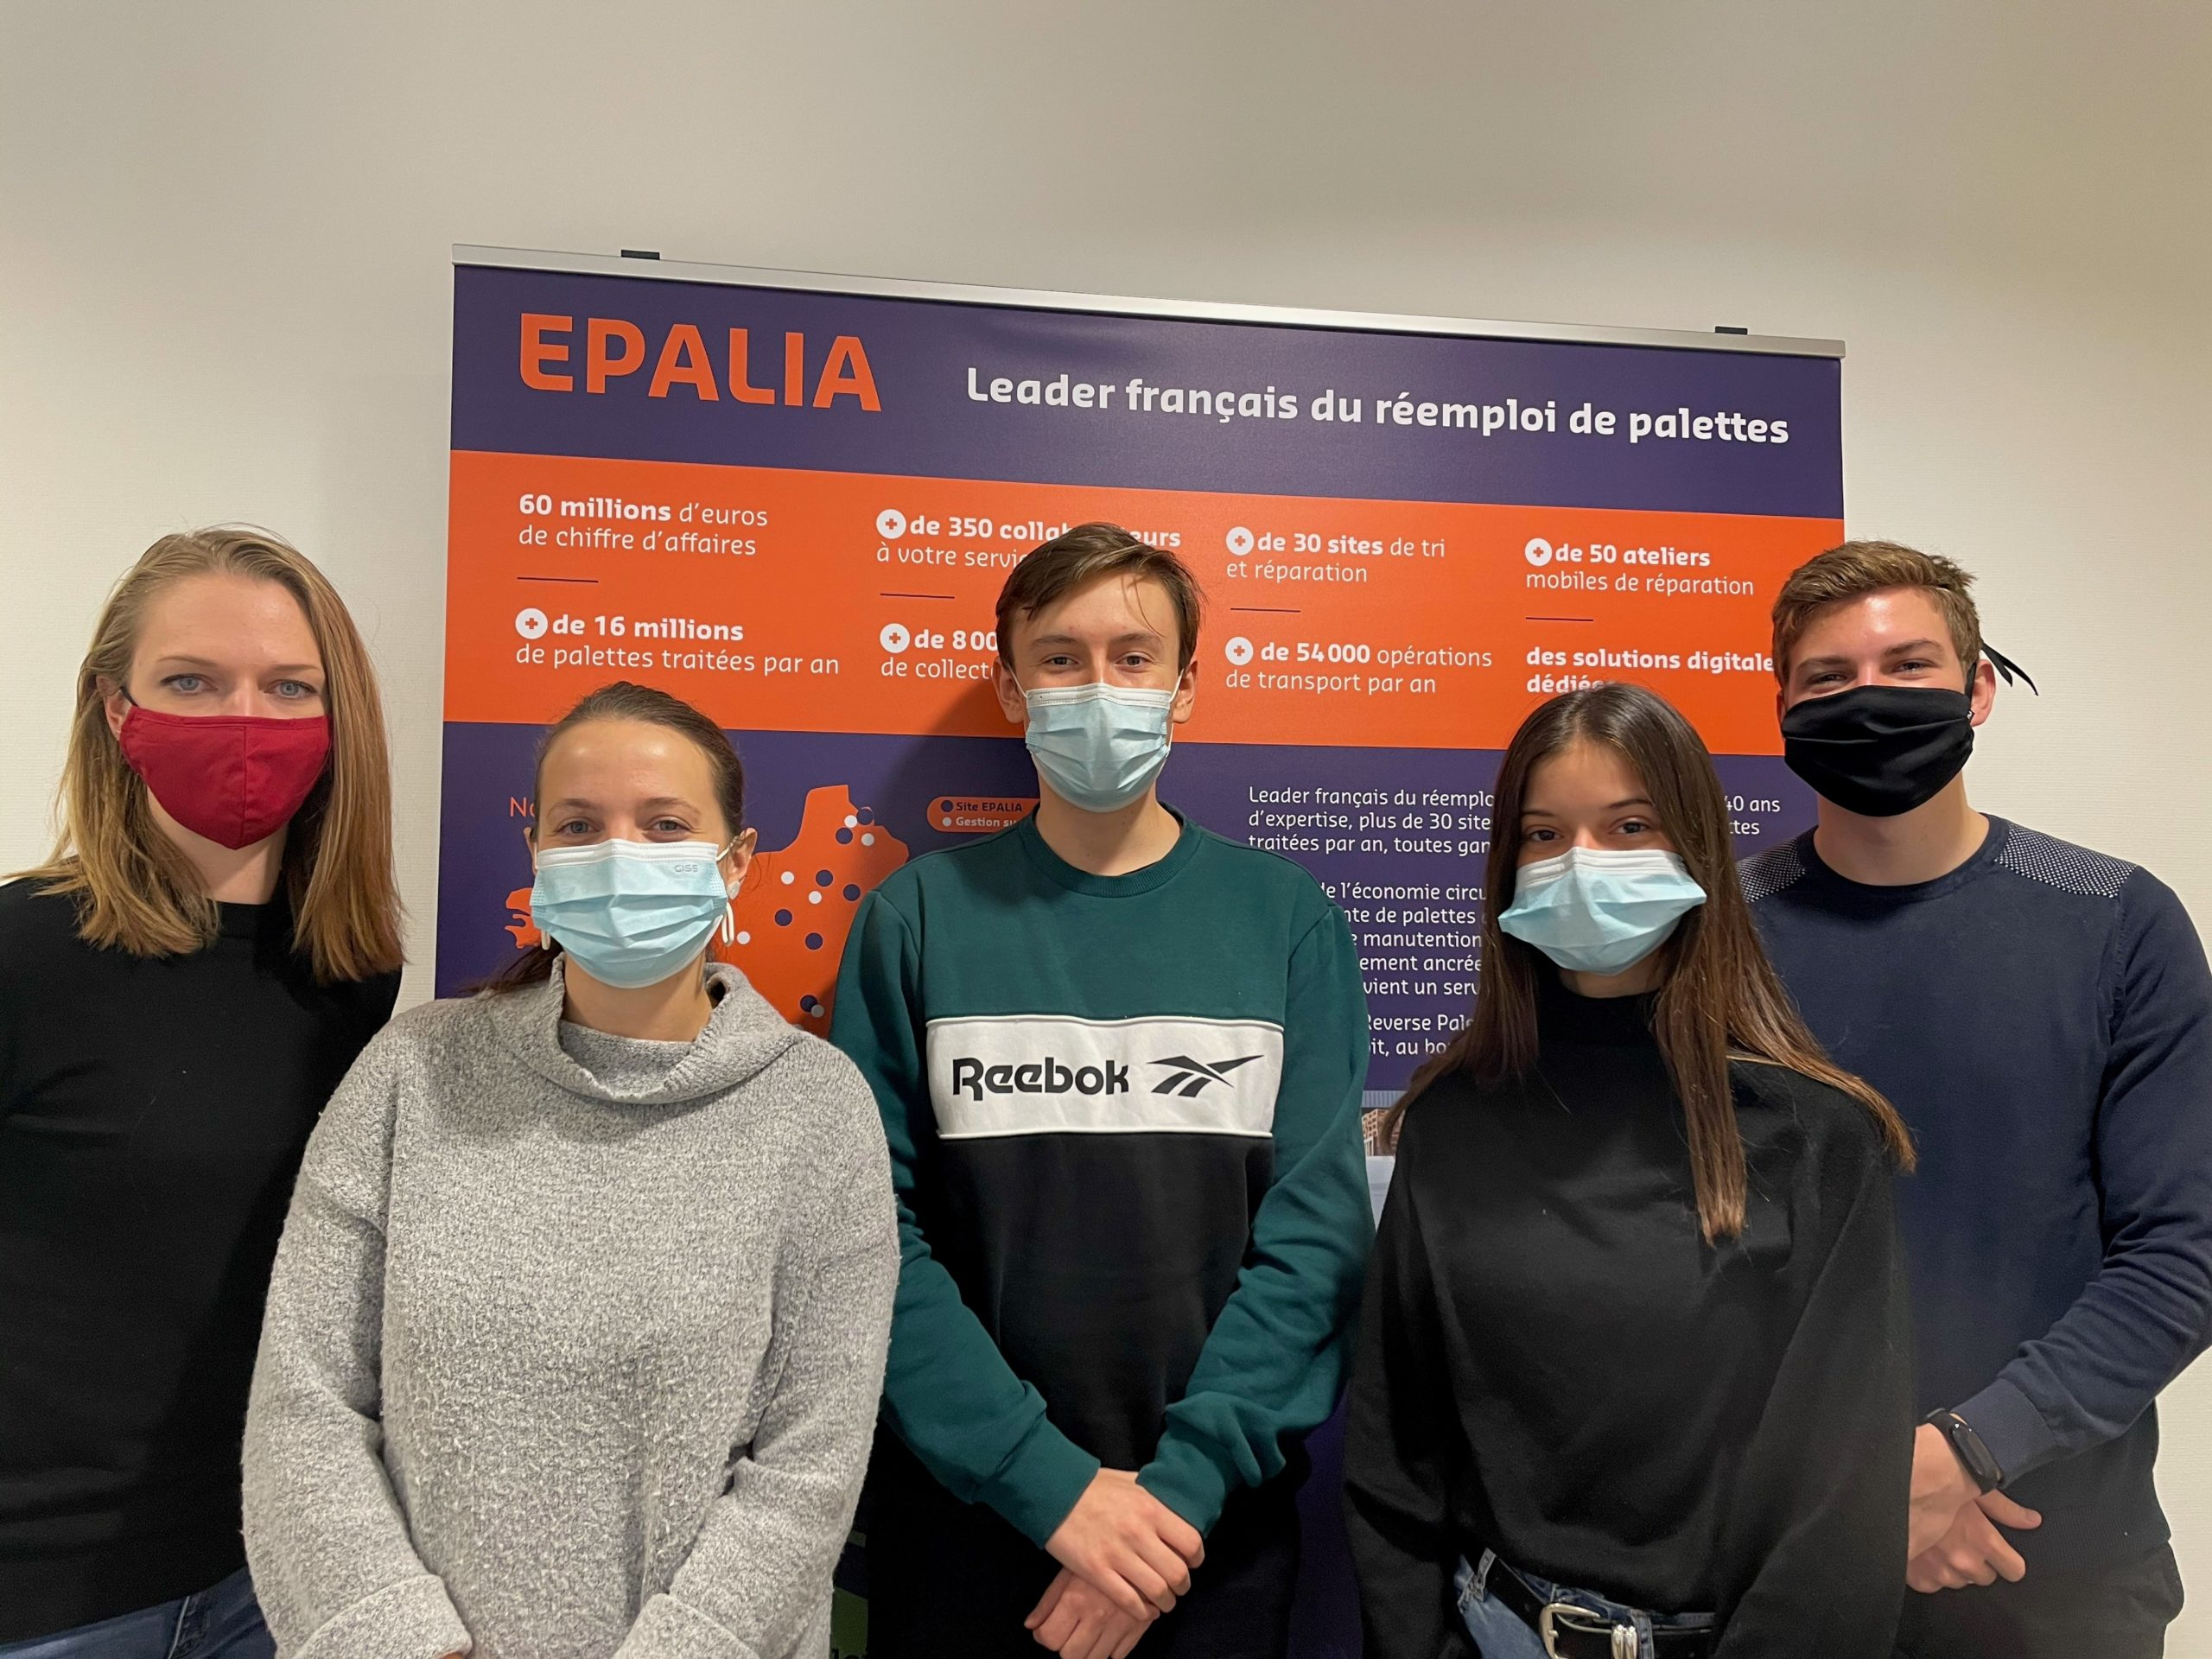 Epalia, adhérent du MEDEF Lyon-Rhône, engagé en faveur des jeunes talents avec le recrutement de profils en alternance